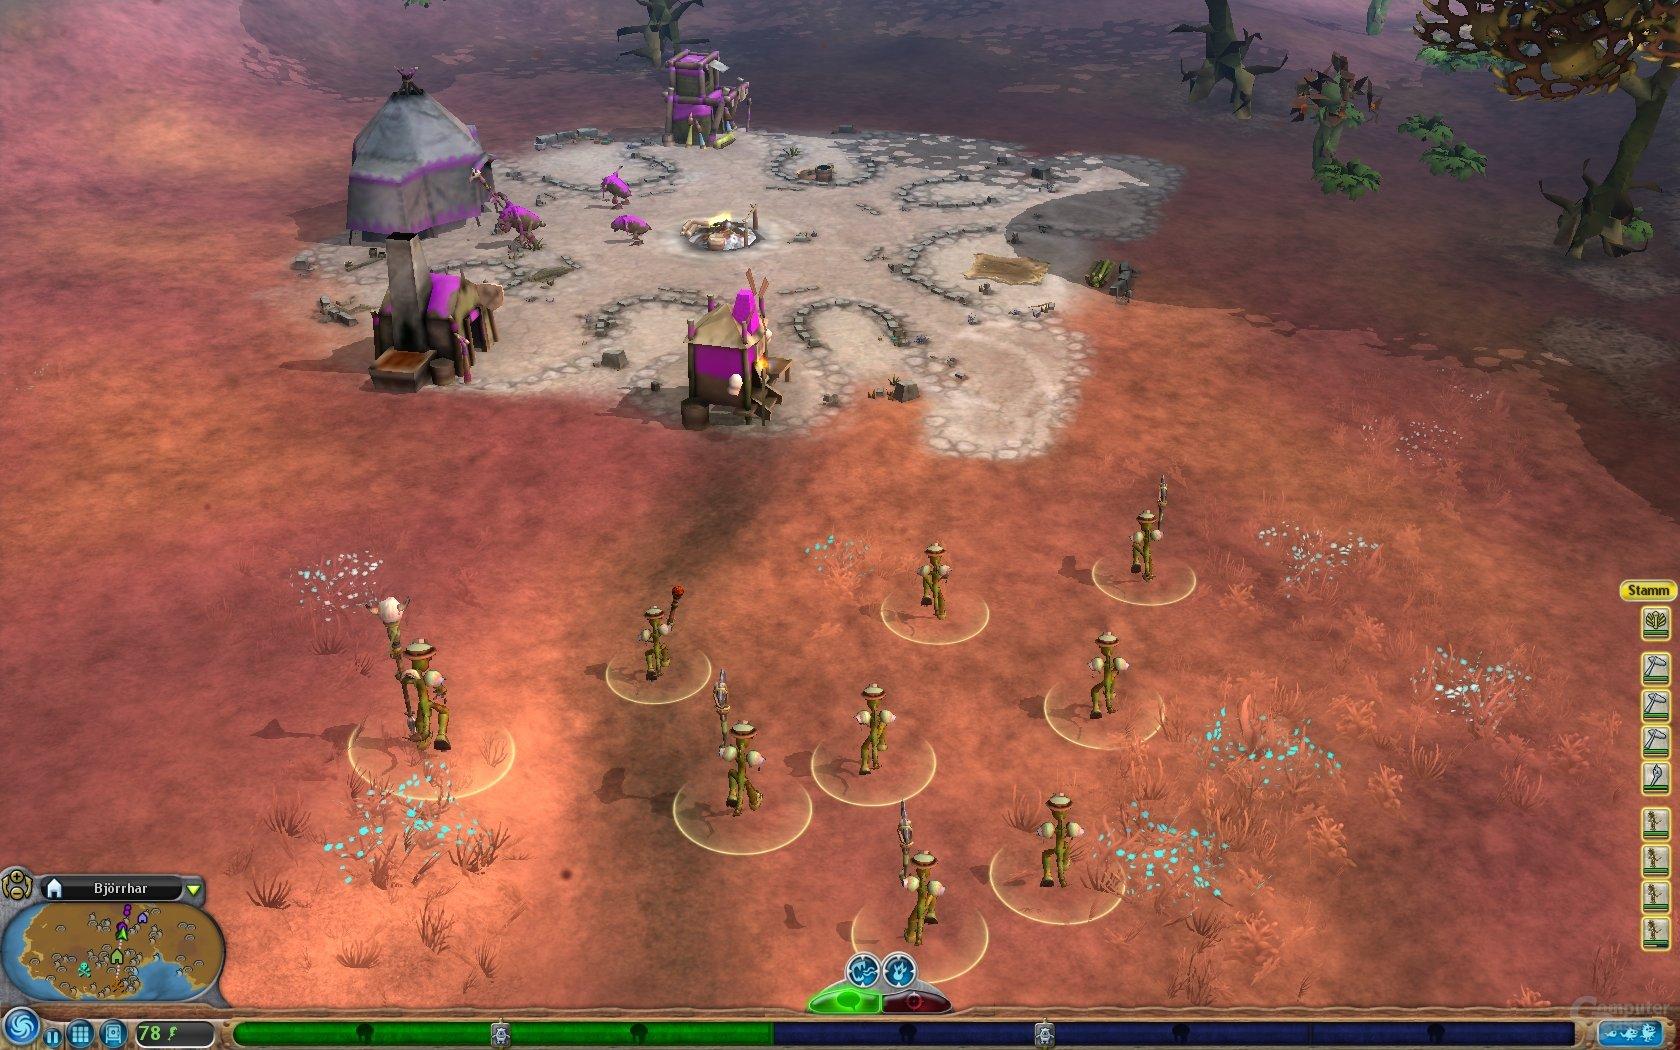 Angriff auf ein gegnerisches Dorf